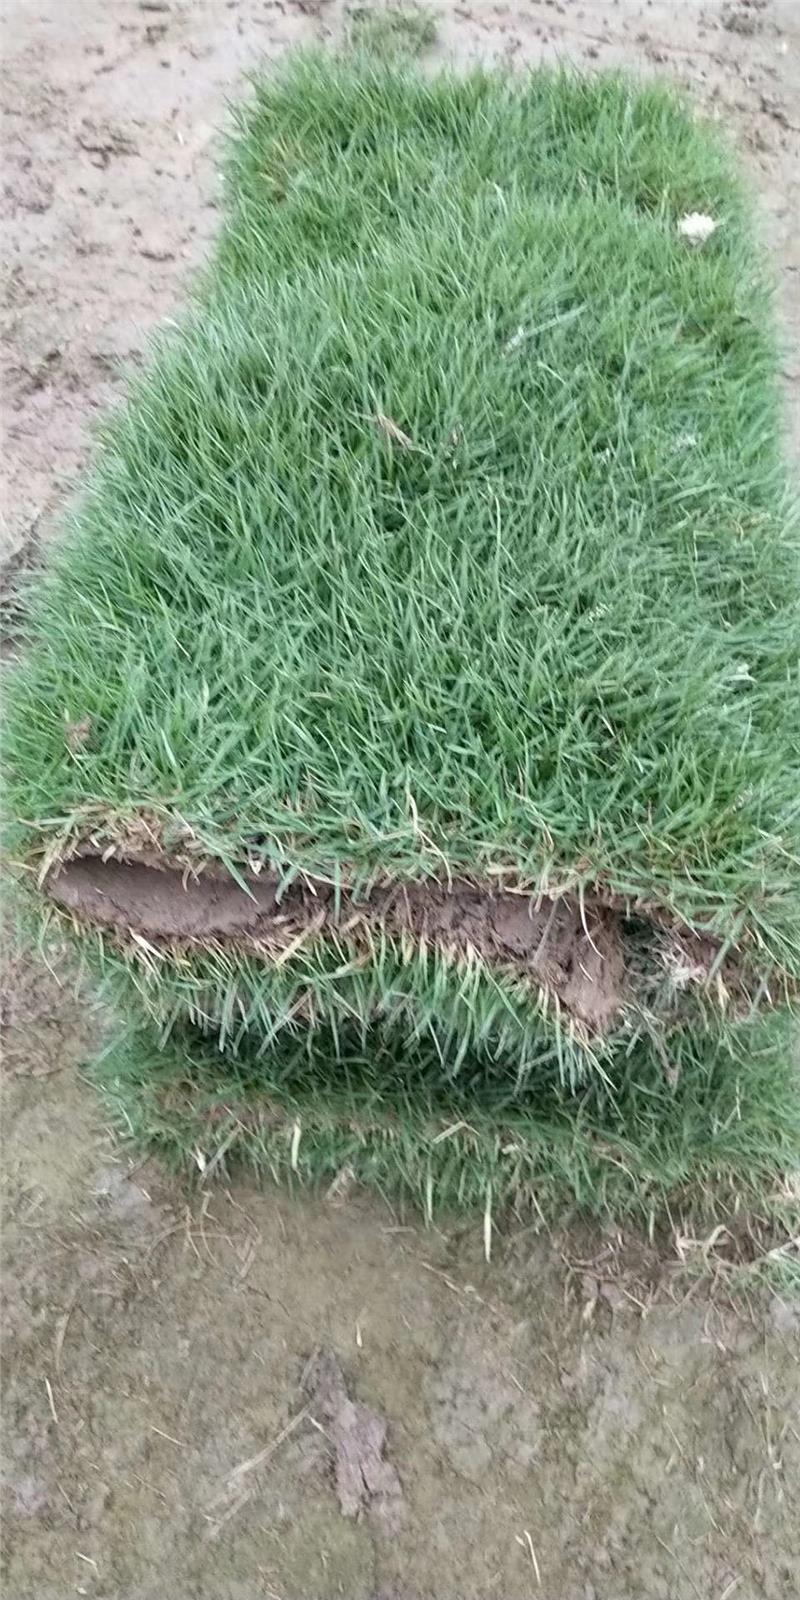 广东马尼拉草皮-草坪批发,龙华马尼拉草供应